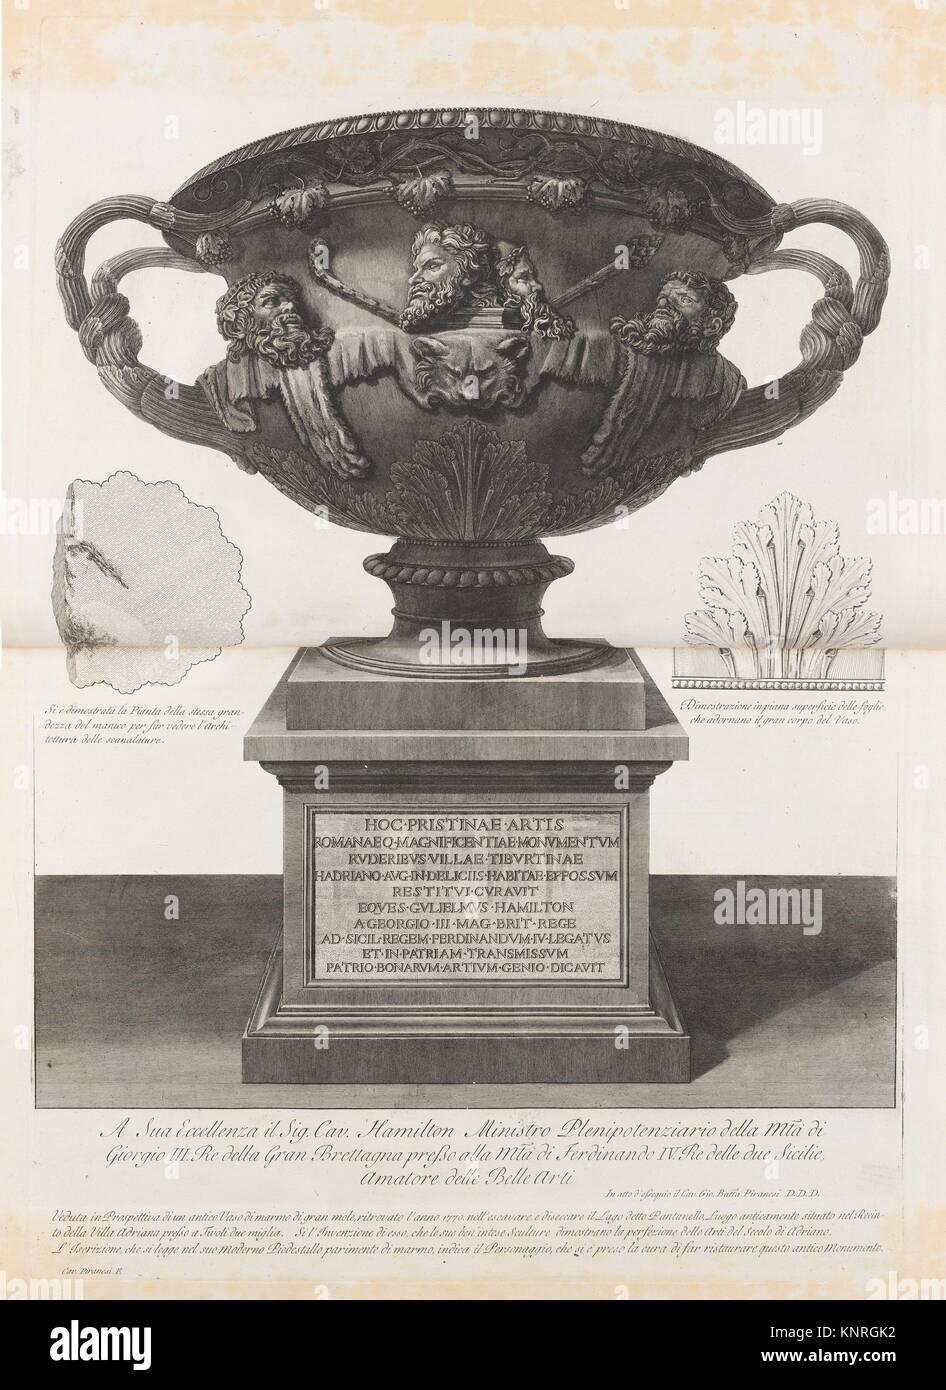 Grande Vaso trovato al Pantanello, Villa Adriana, Tivoli, nel 1770 (il vaso di Warwick, da vasi, candelabri, cippi, Immagini Stock